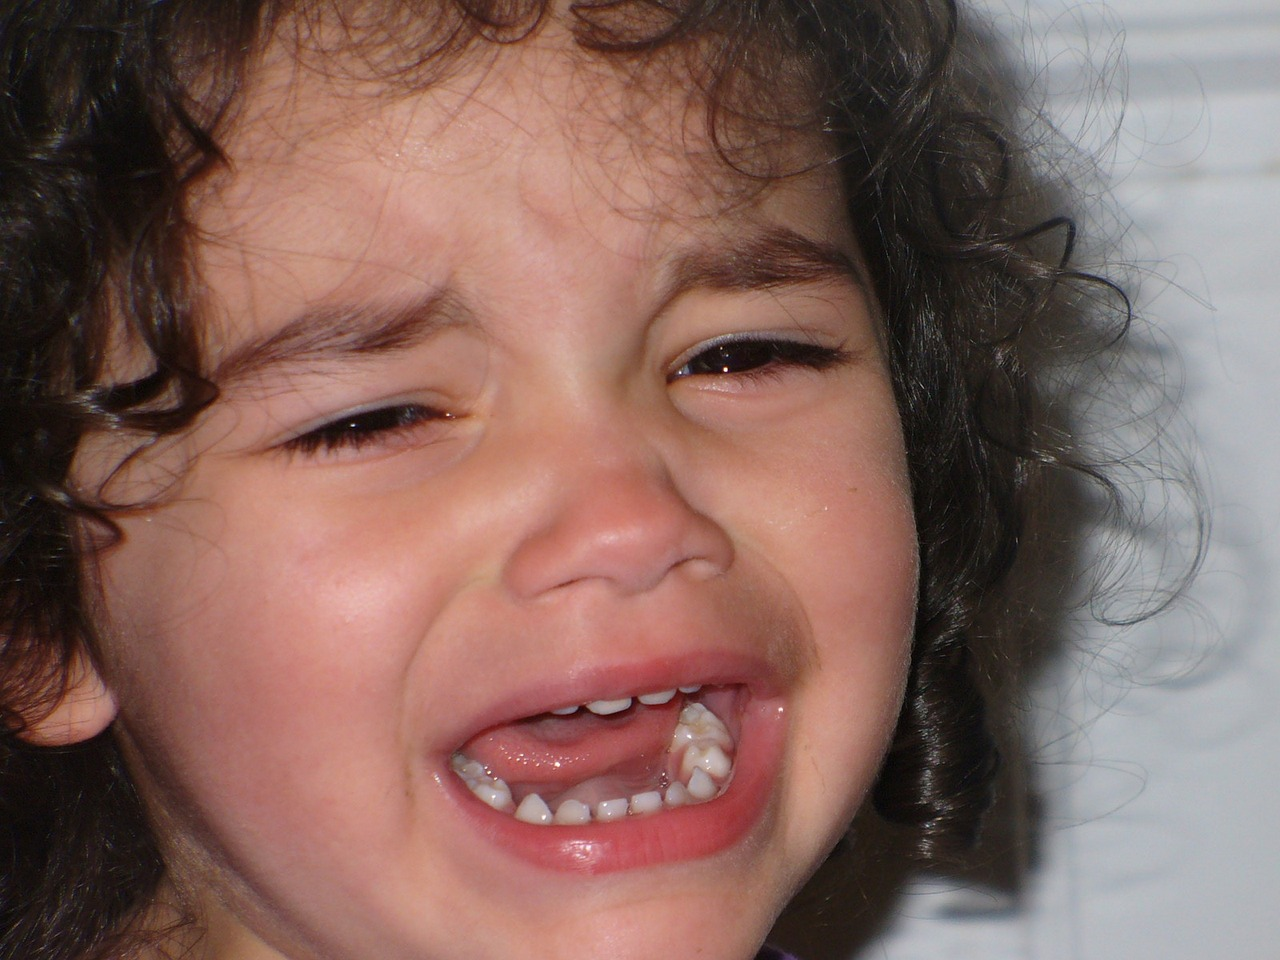 Výchova: Období vzdoru u dítěte